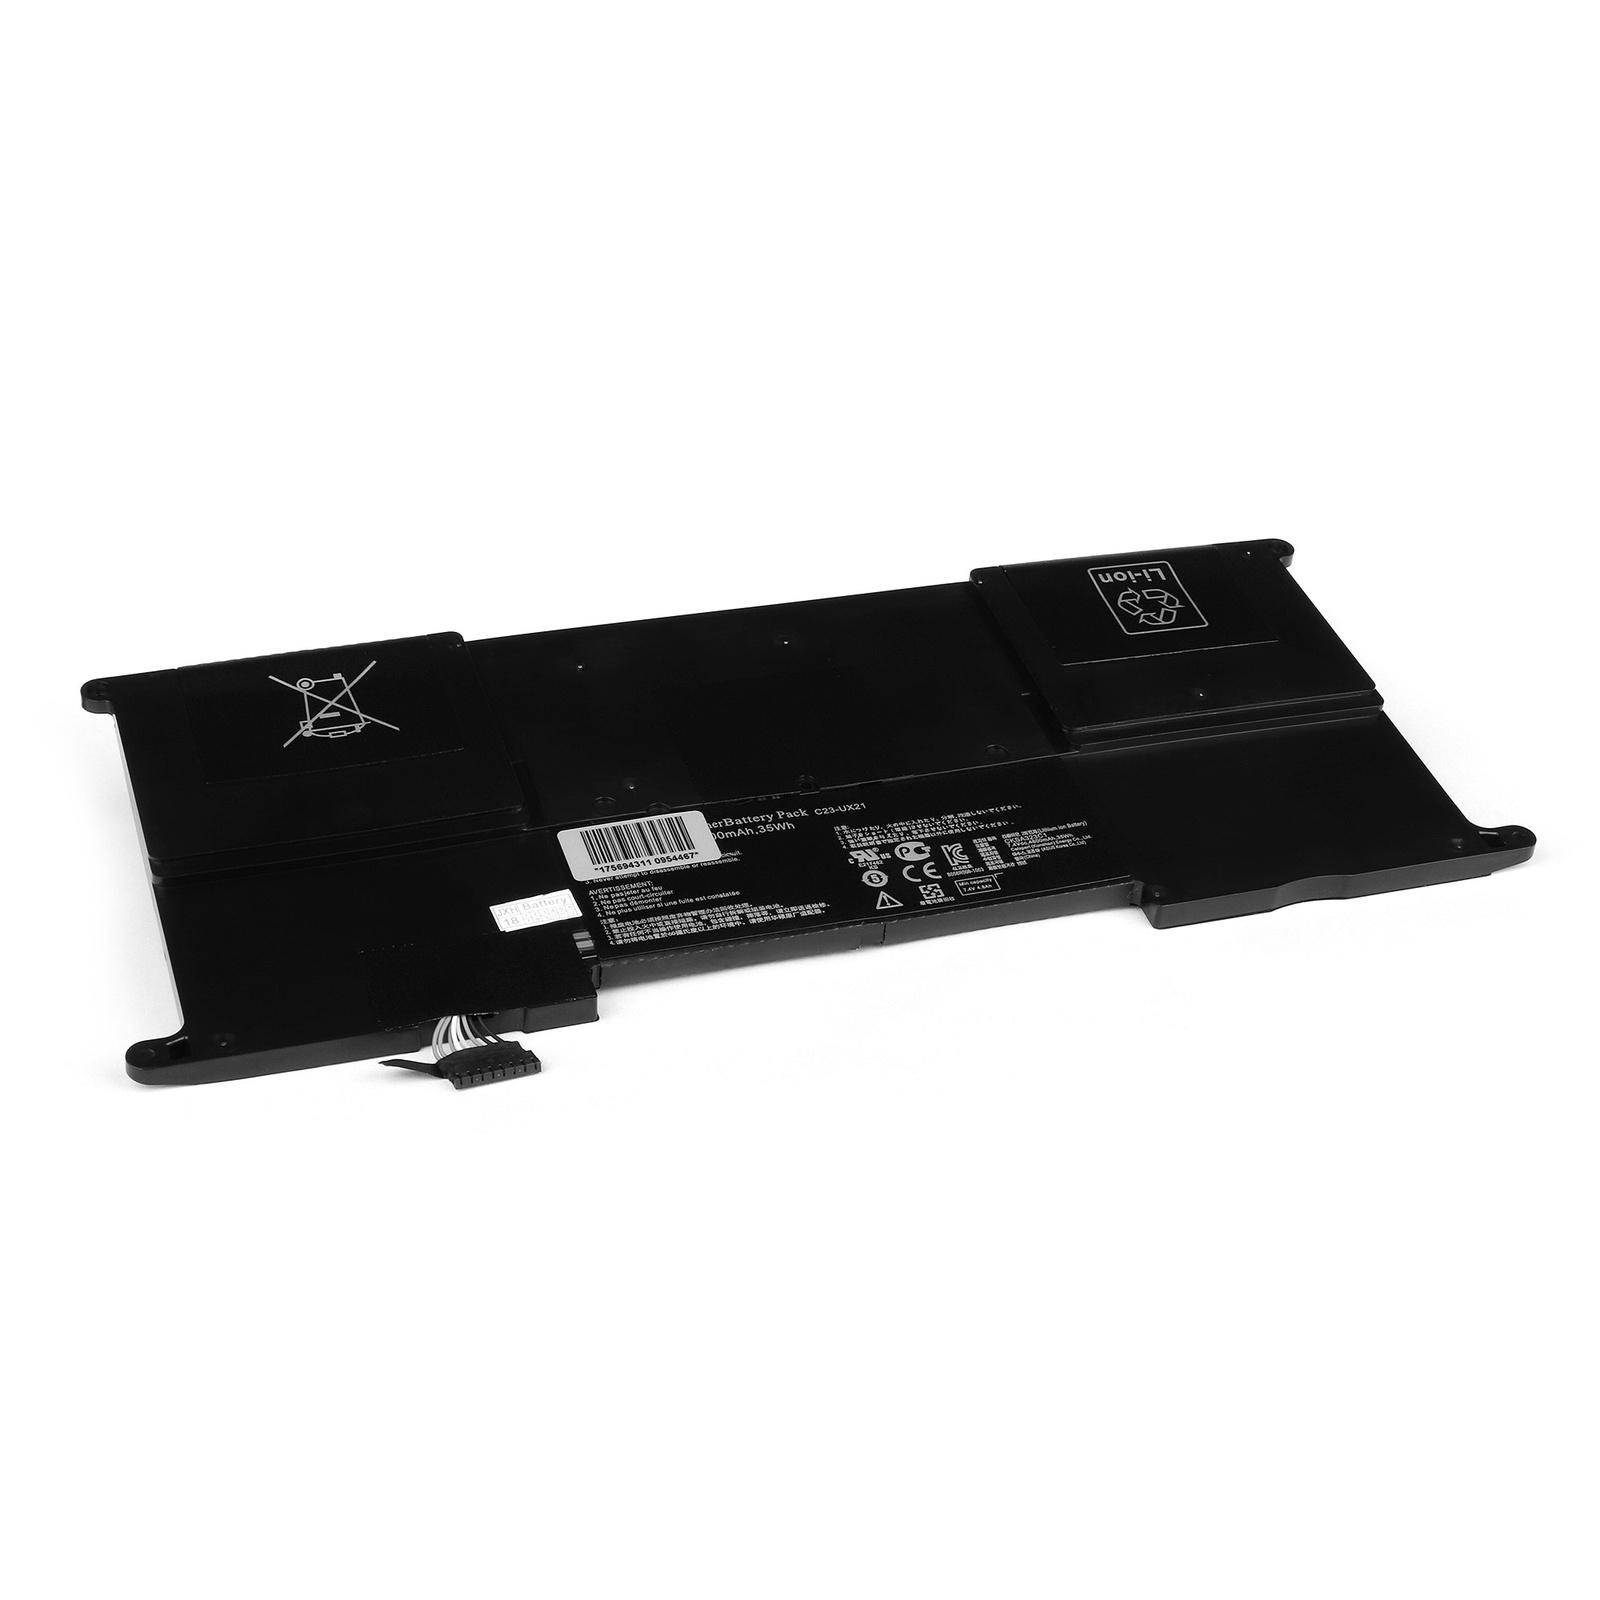 Аккумулятор для ноутбука OEM Asus Zenbook UX21, UX21A, UX21E Series. 7.4V 4800mAh. PN: C23-UX21 цены